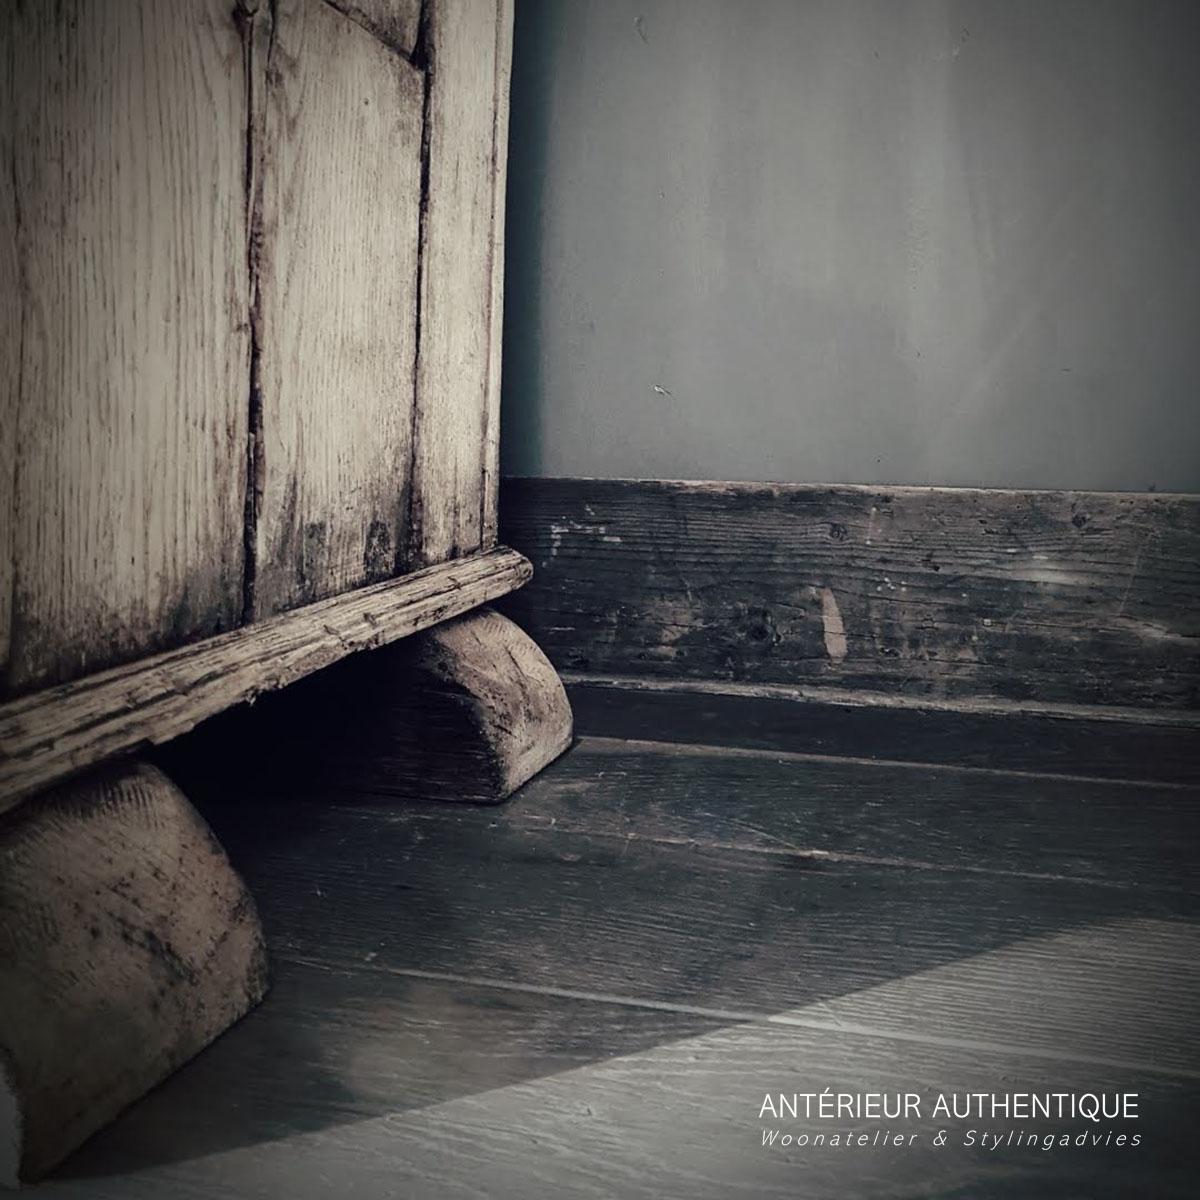 Productafbeelding van kastje oud eiken (voetgedeelte) voor illustratie in Antérieur Authentique webshop